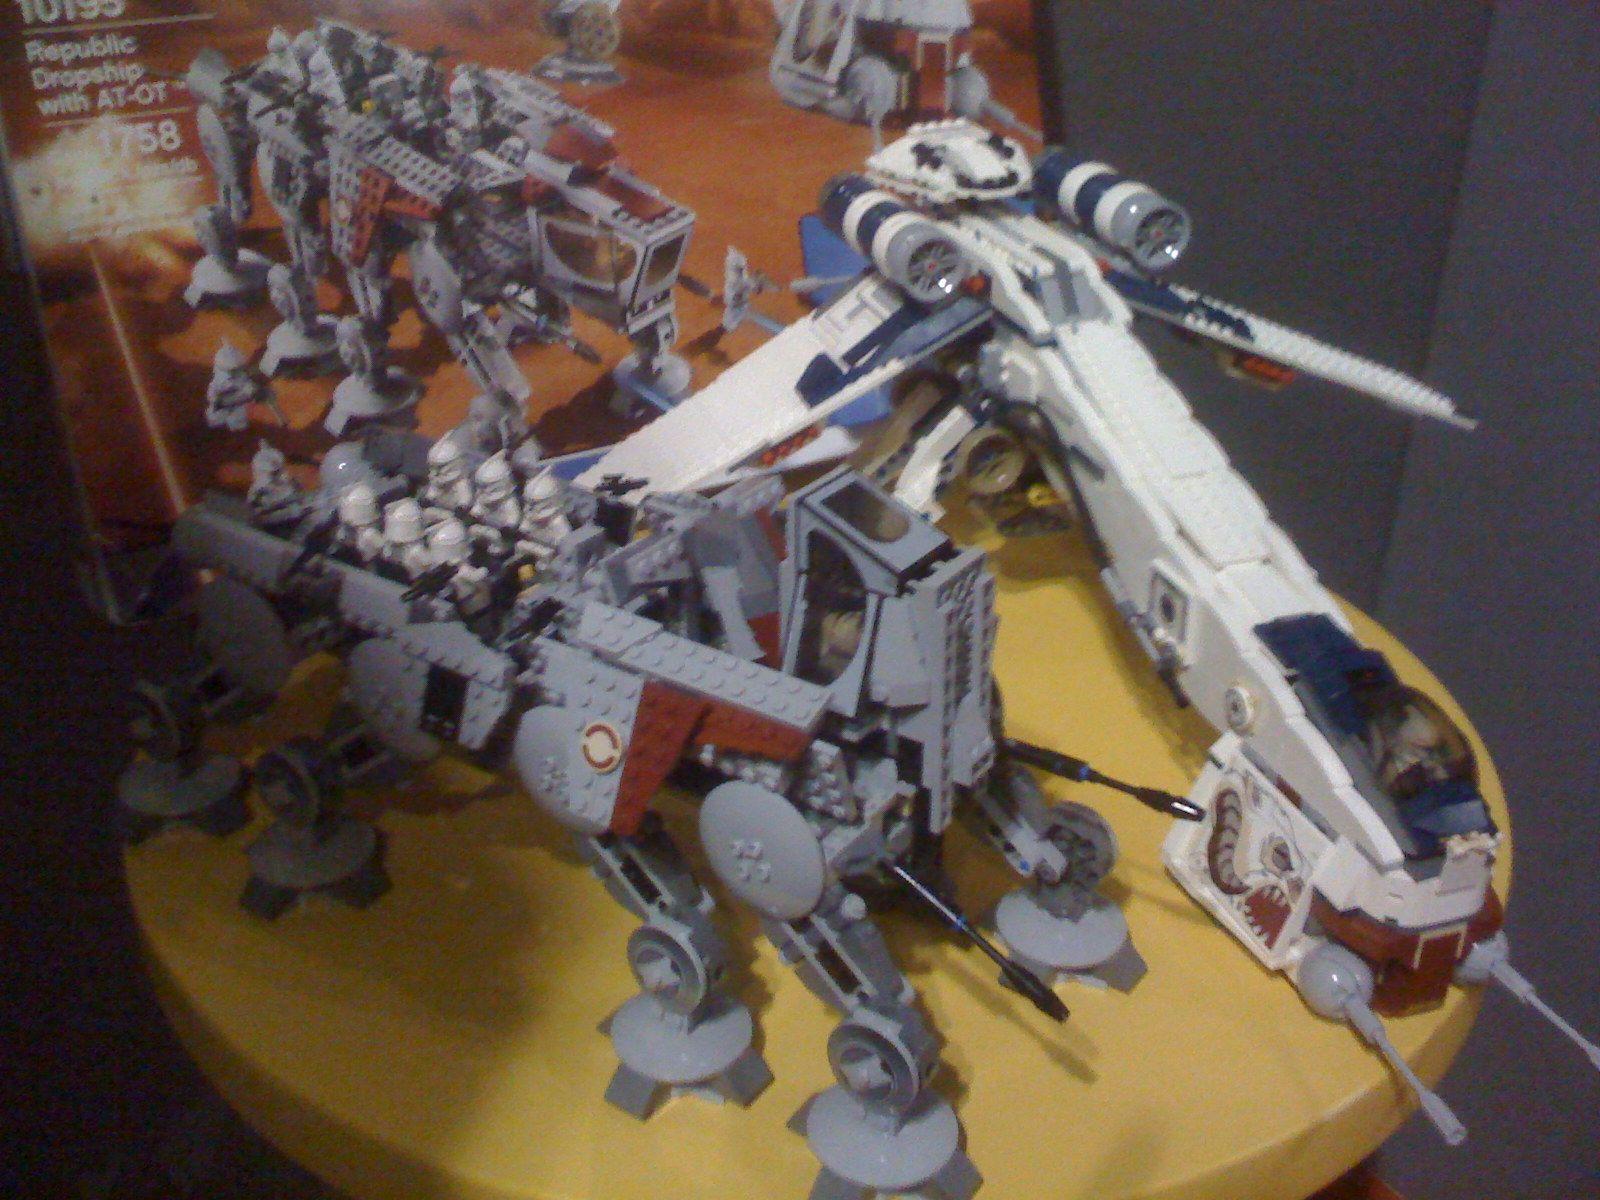 Ein bild vom lego star wars set 10195 – republic dropship with at ot